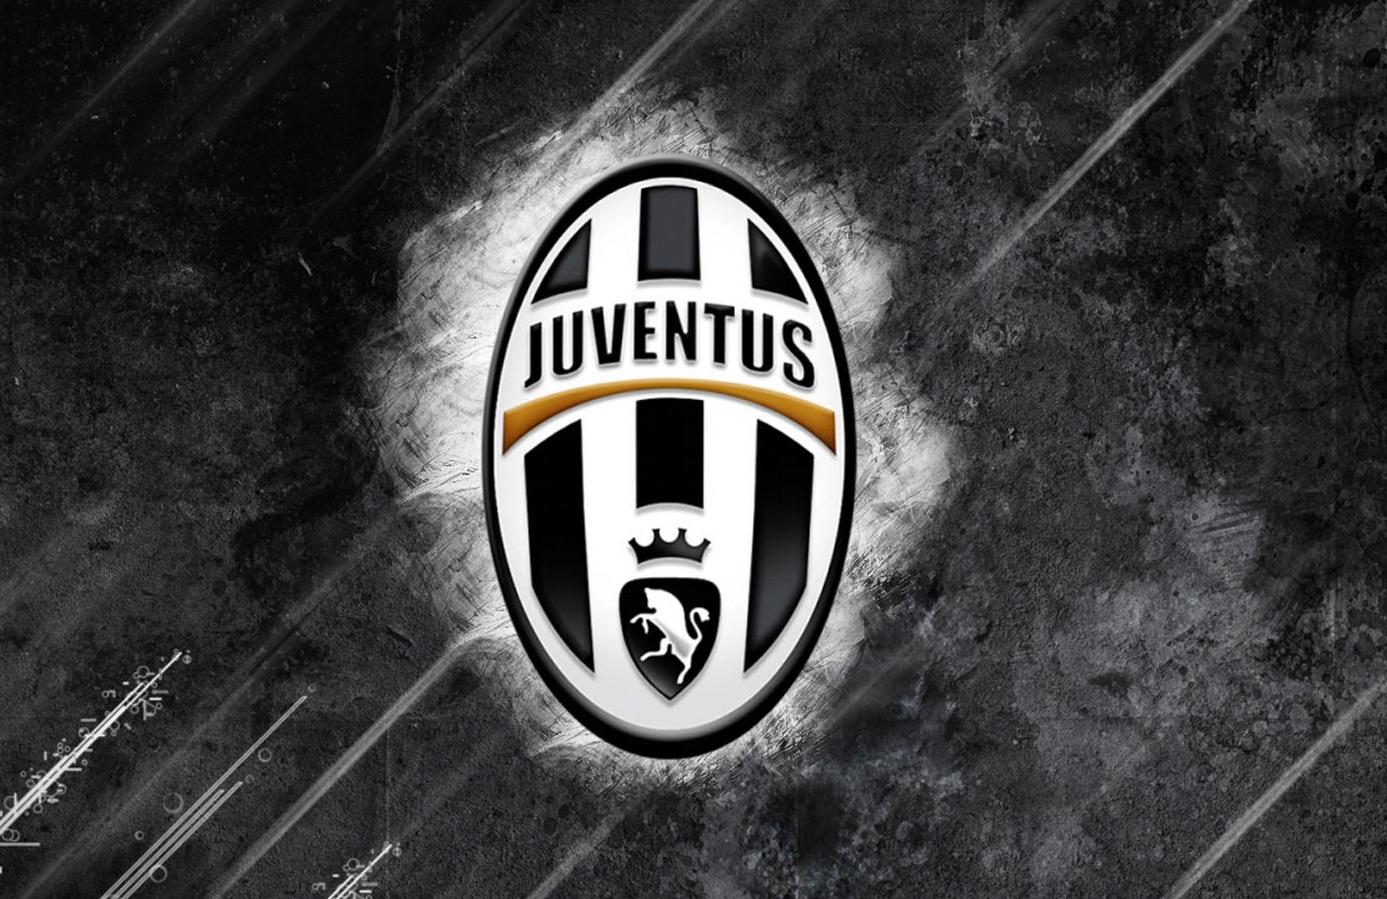 Football Juventus Logo 2013 Hd Wallpapers